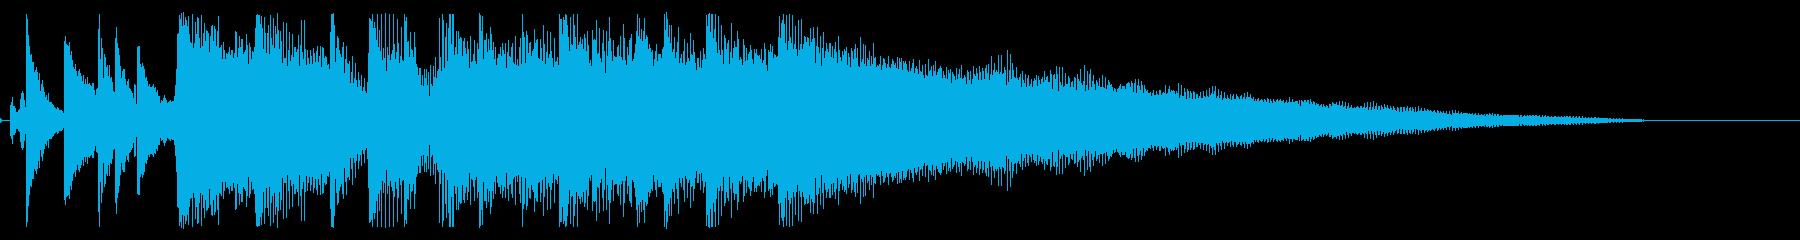 【気分一新3】の再生済みの波形